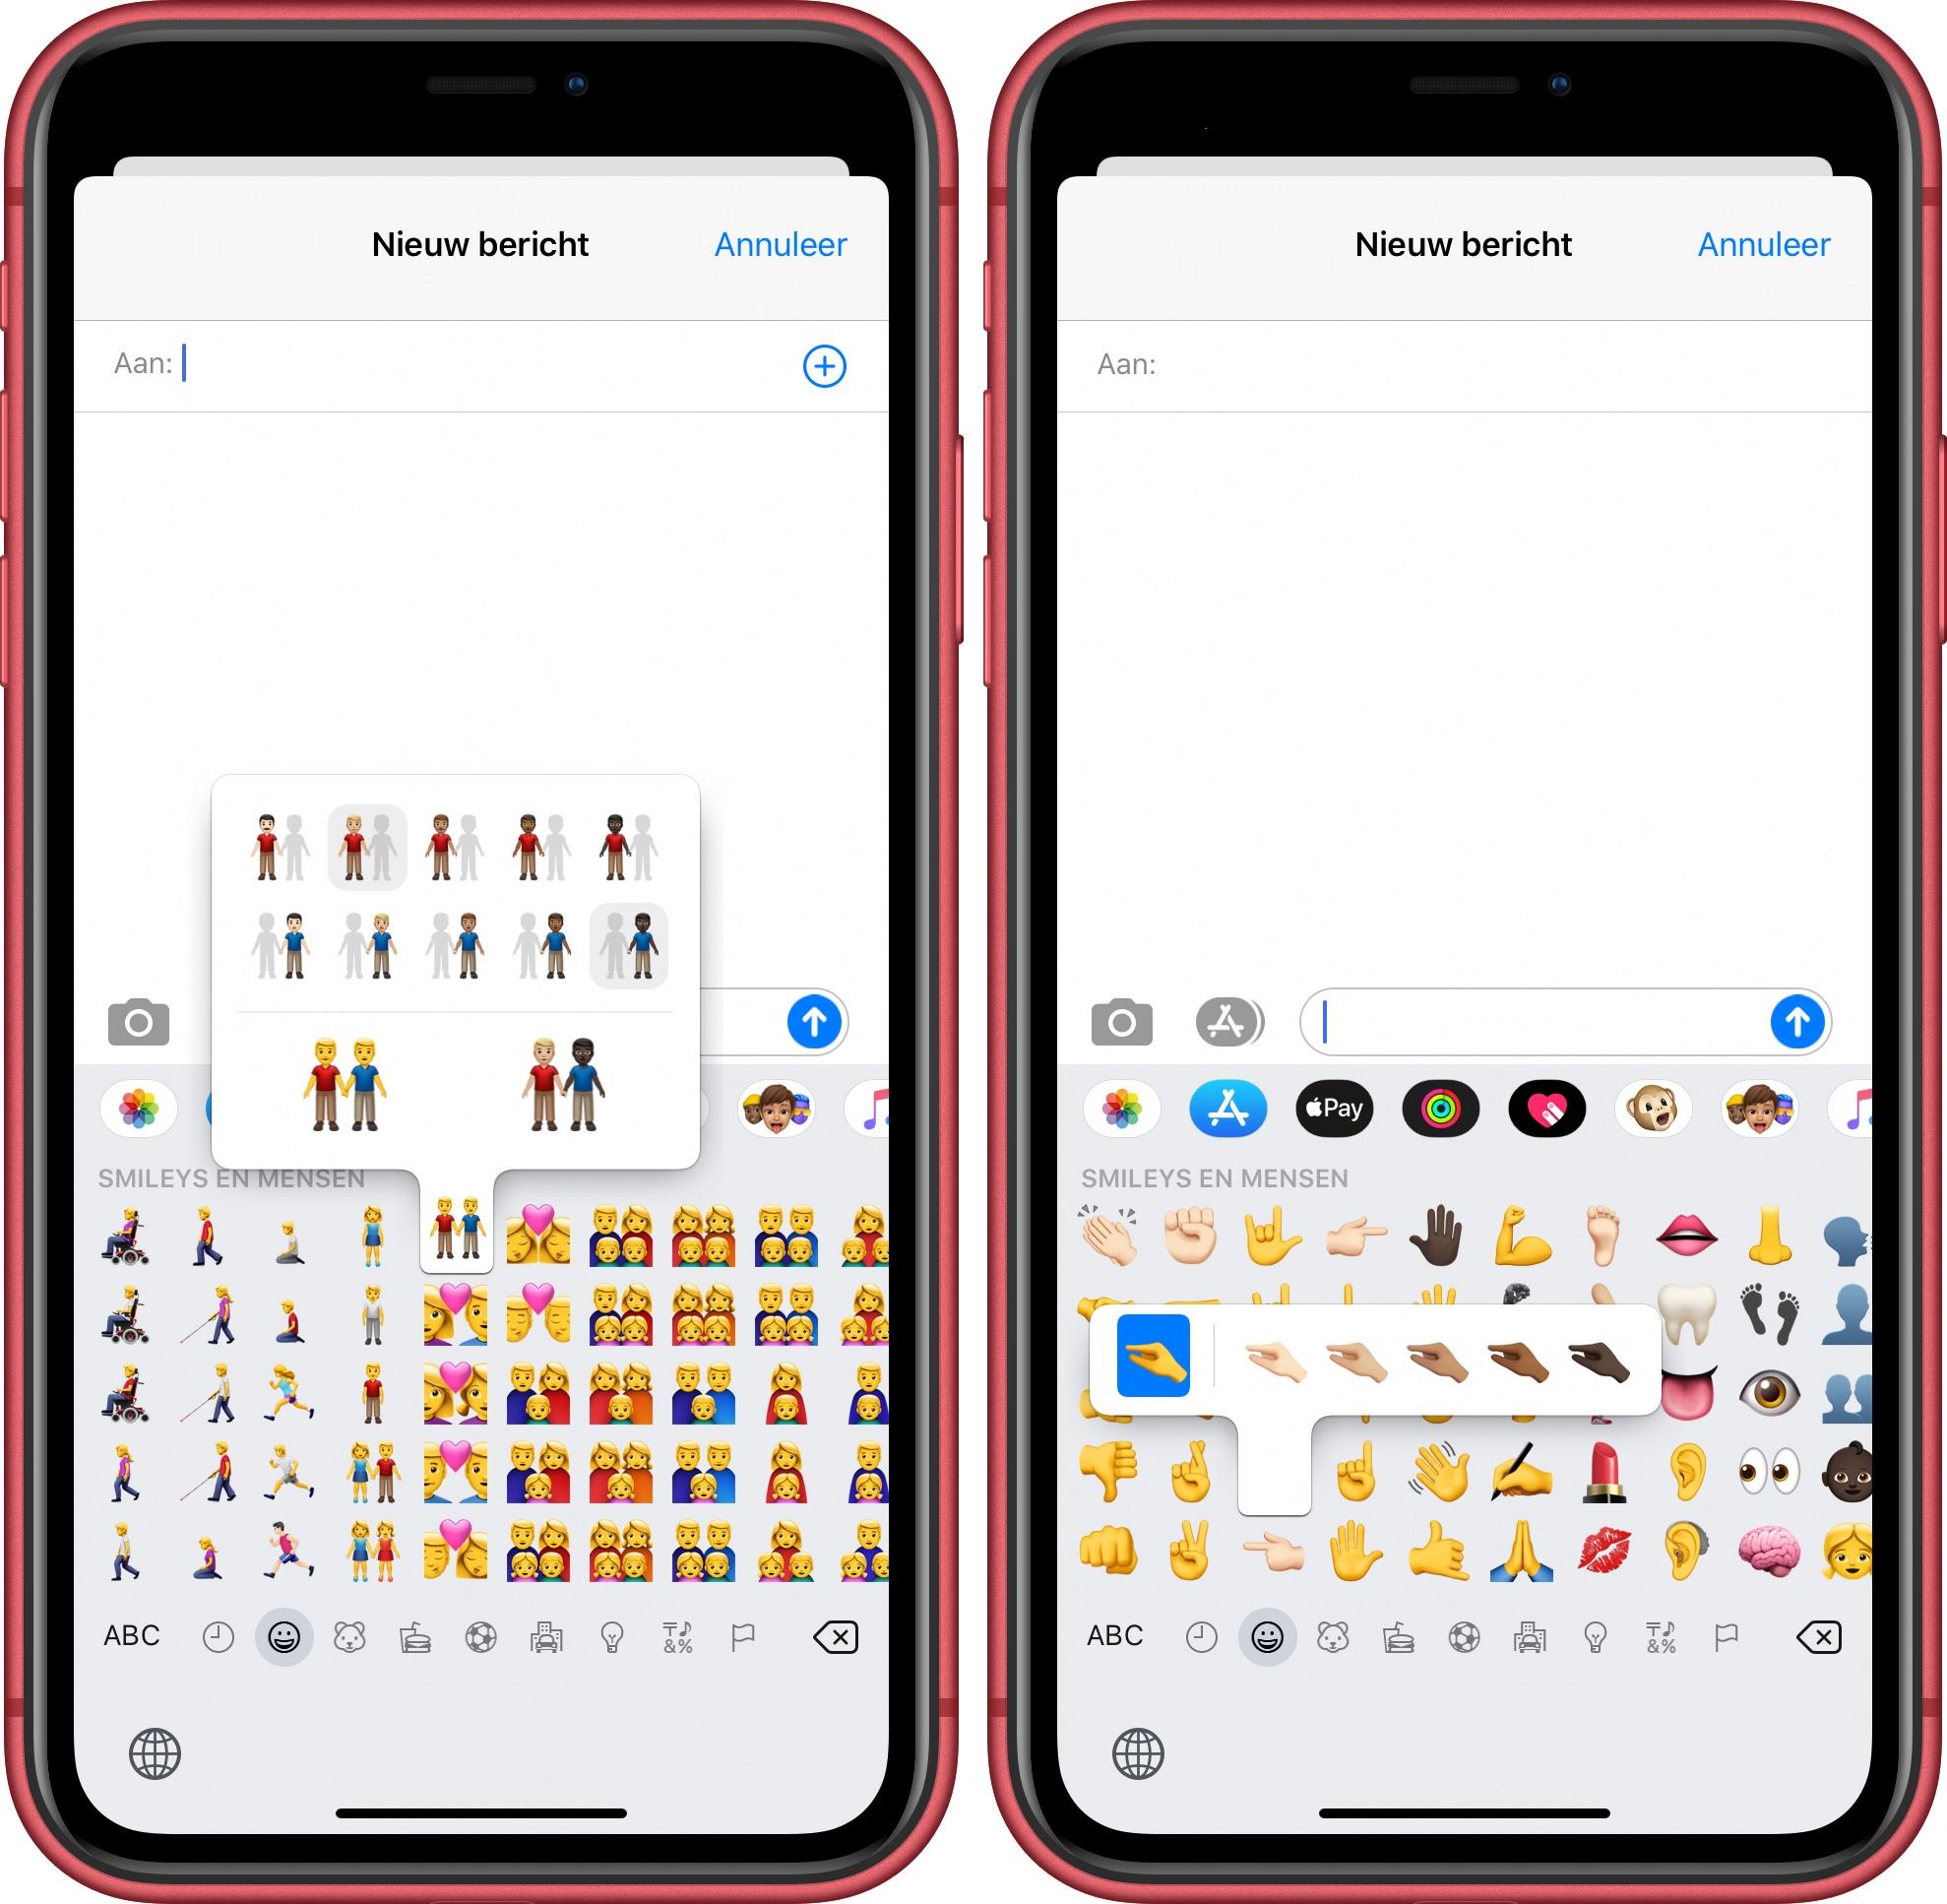 iOS 13.2 koppels huidskleur emoji